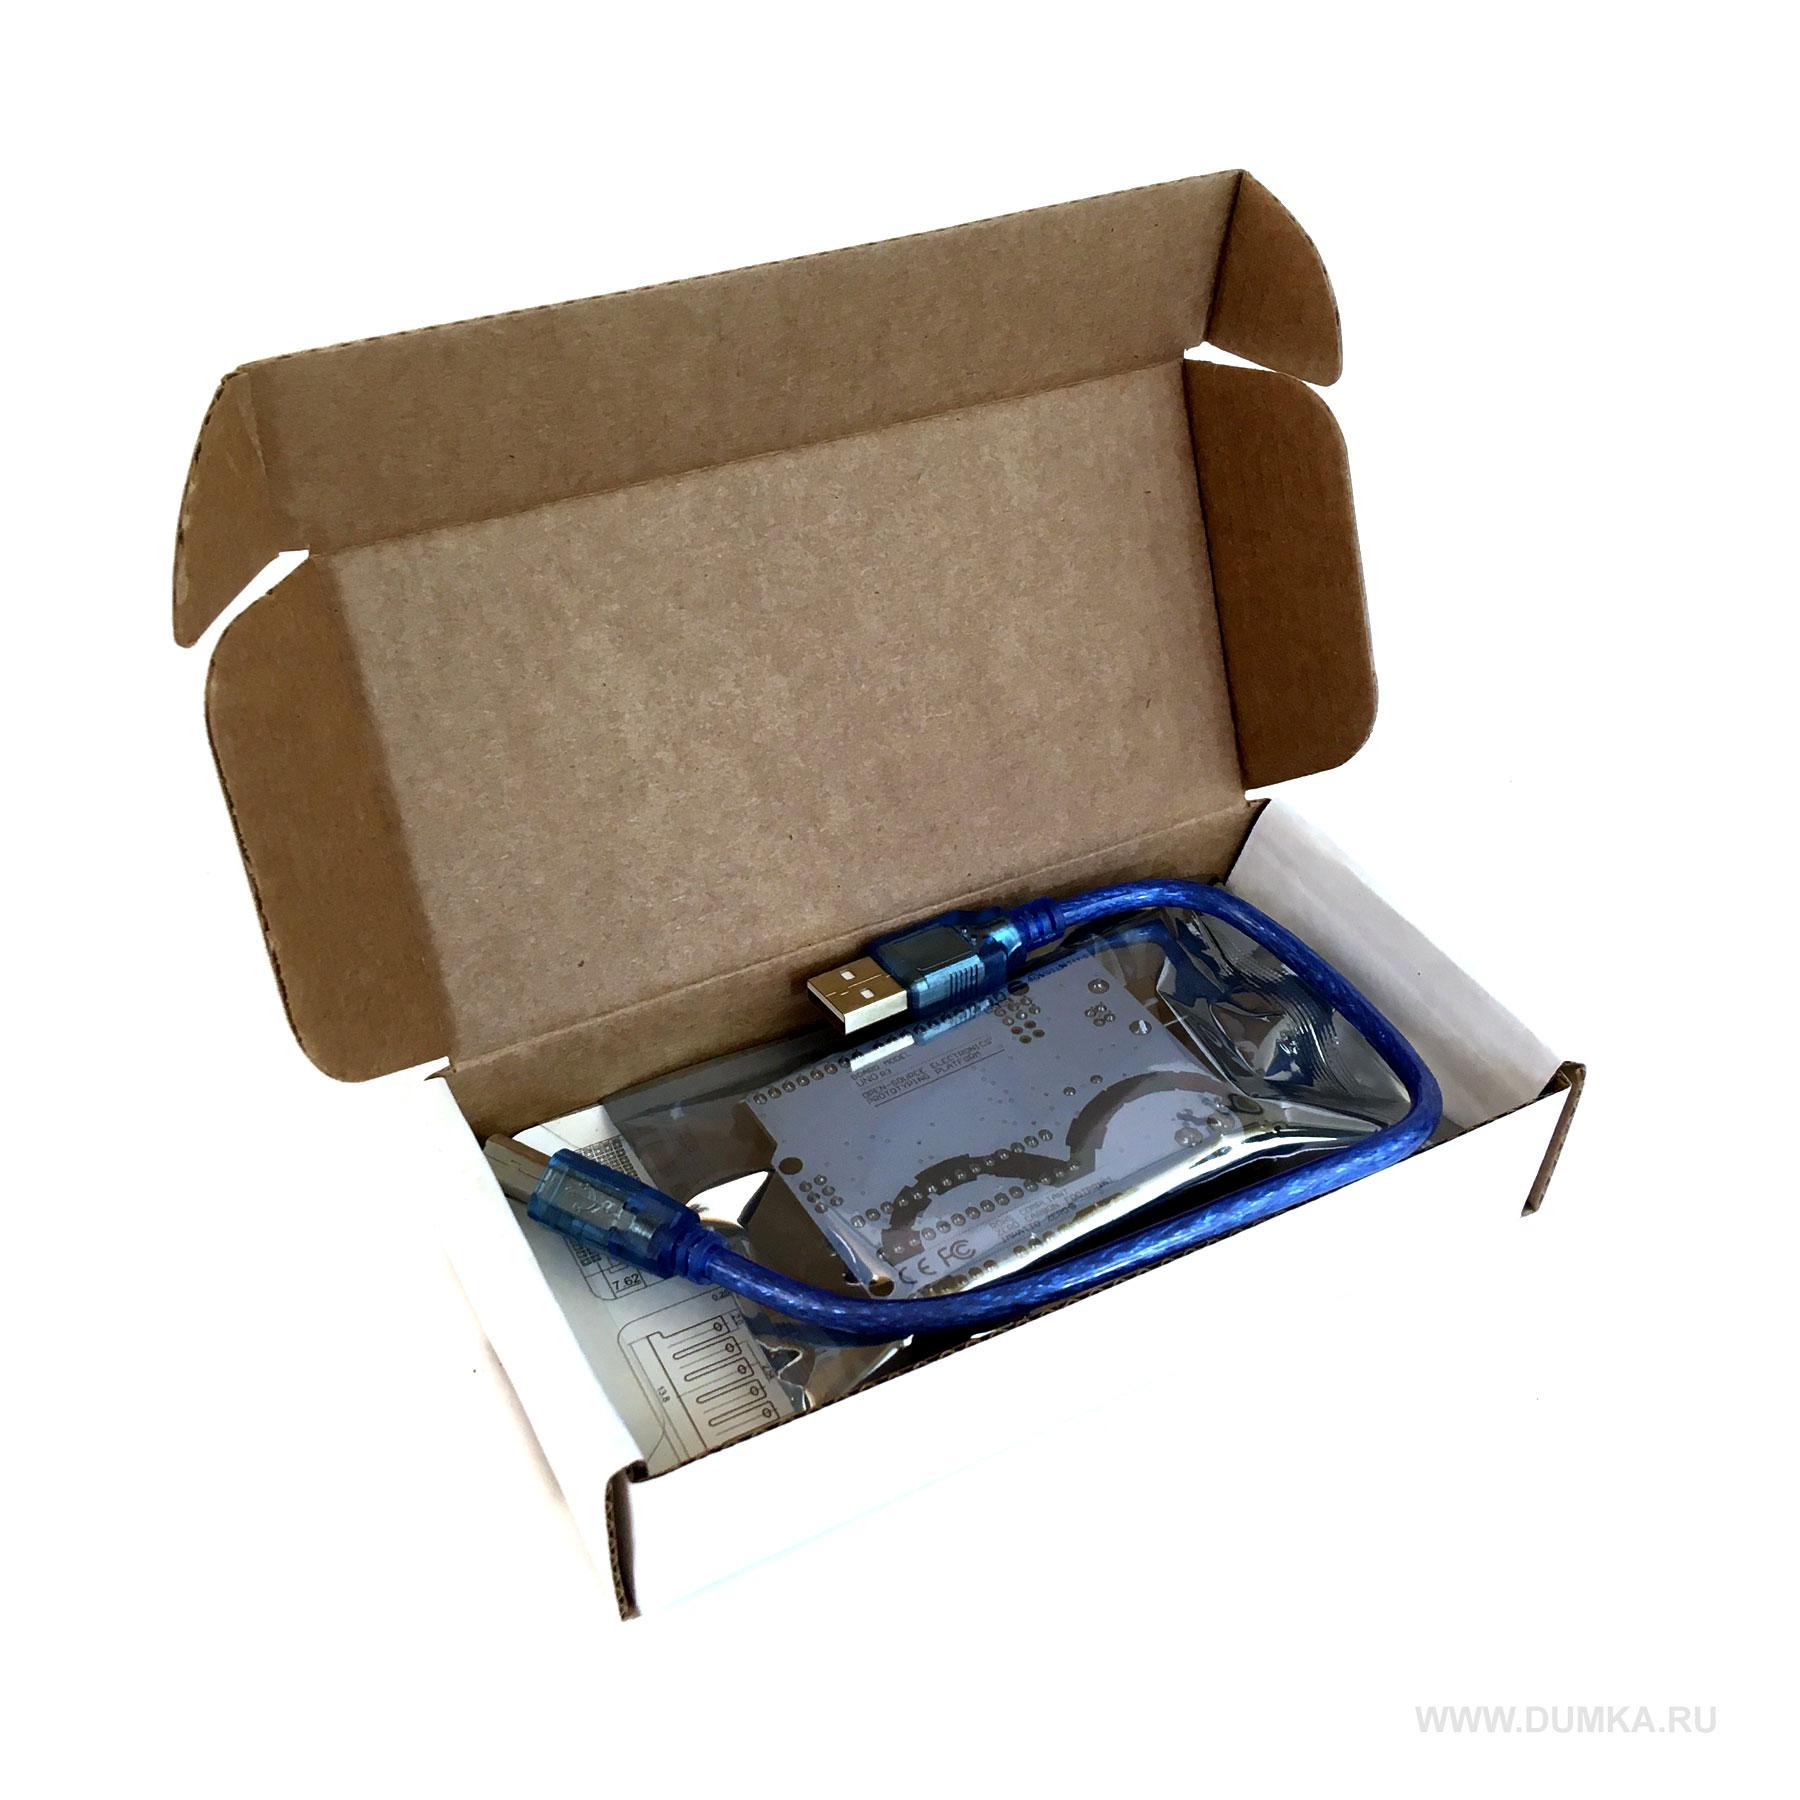 nabor-po-elektronike-umnyi-dom-na-baze-arduino-foto-tdx-978-5-9775-6608-7-12.jpg